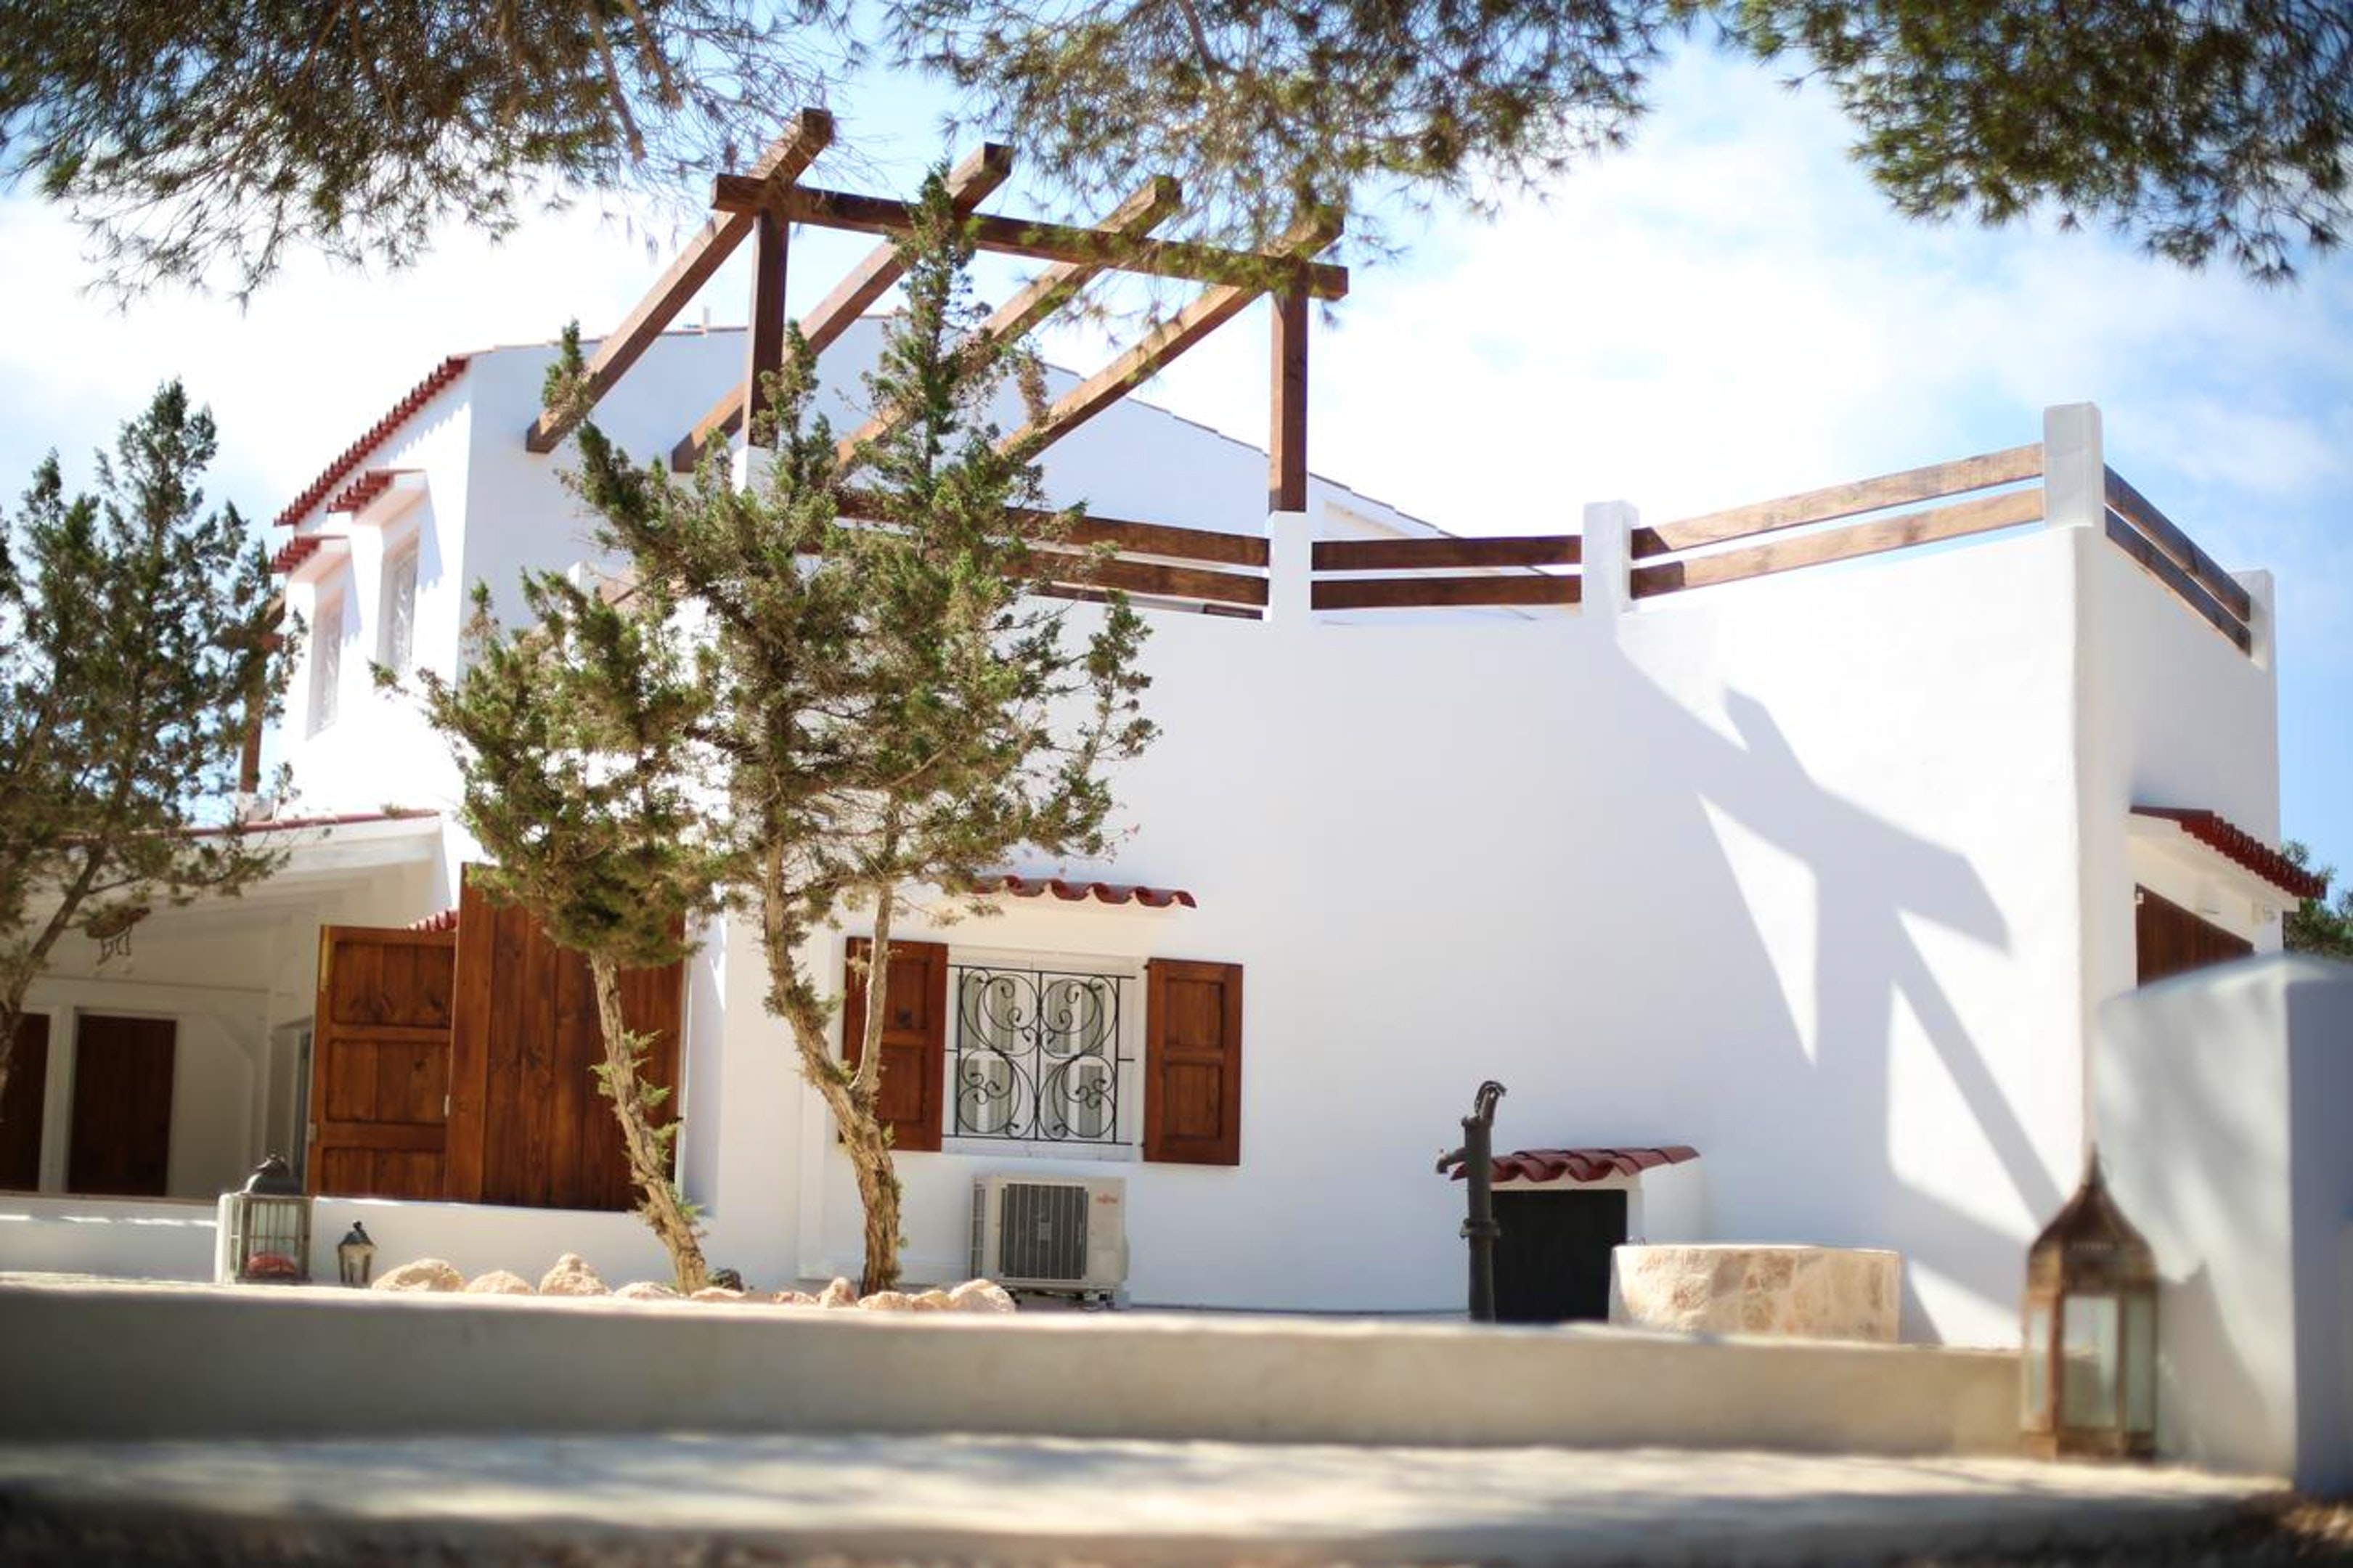 Maison de vacances Haus mit 4 Schlafzimmern in Sant Francesc Xavier mit Terrasse und W-LAN (2700592), San Francisco Javier, Formentera, Iles Baléares, Espagne, image 18